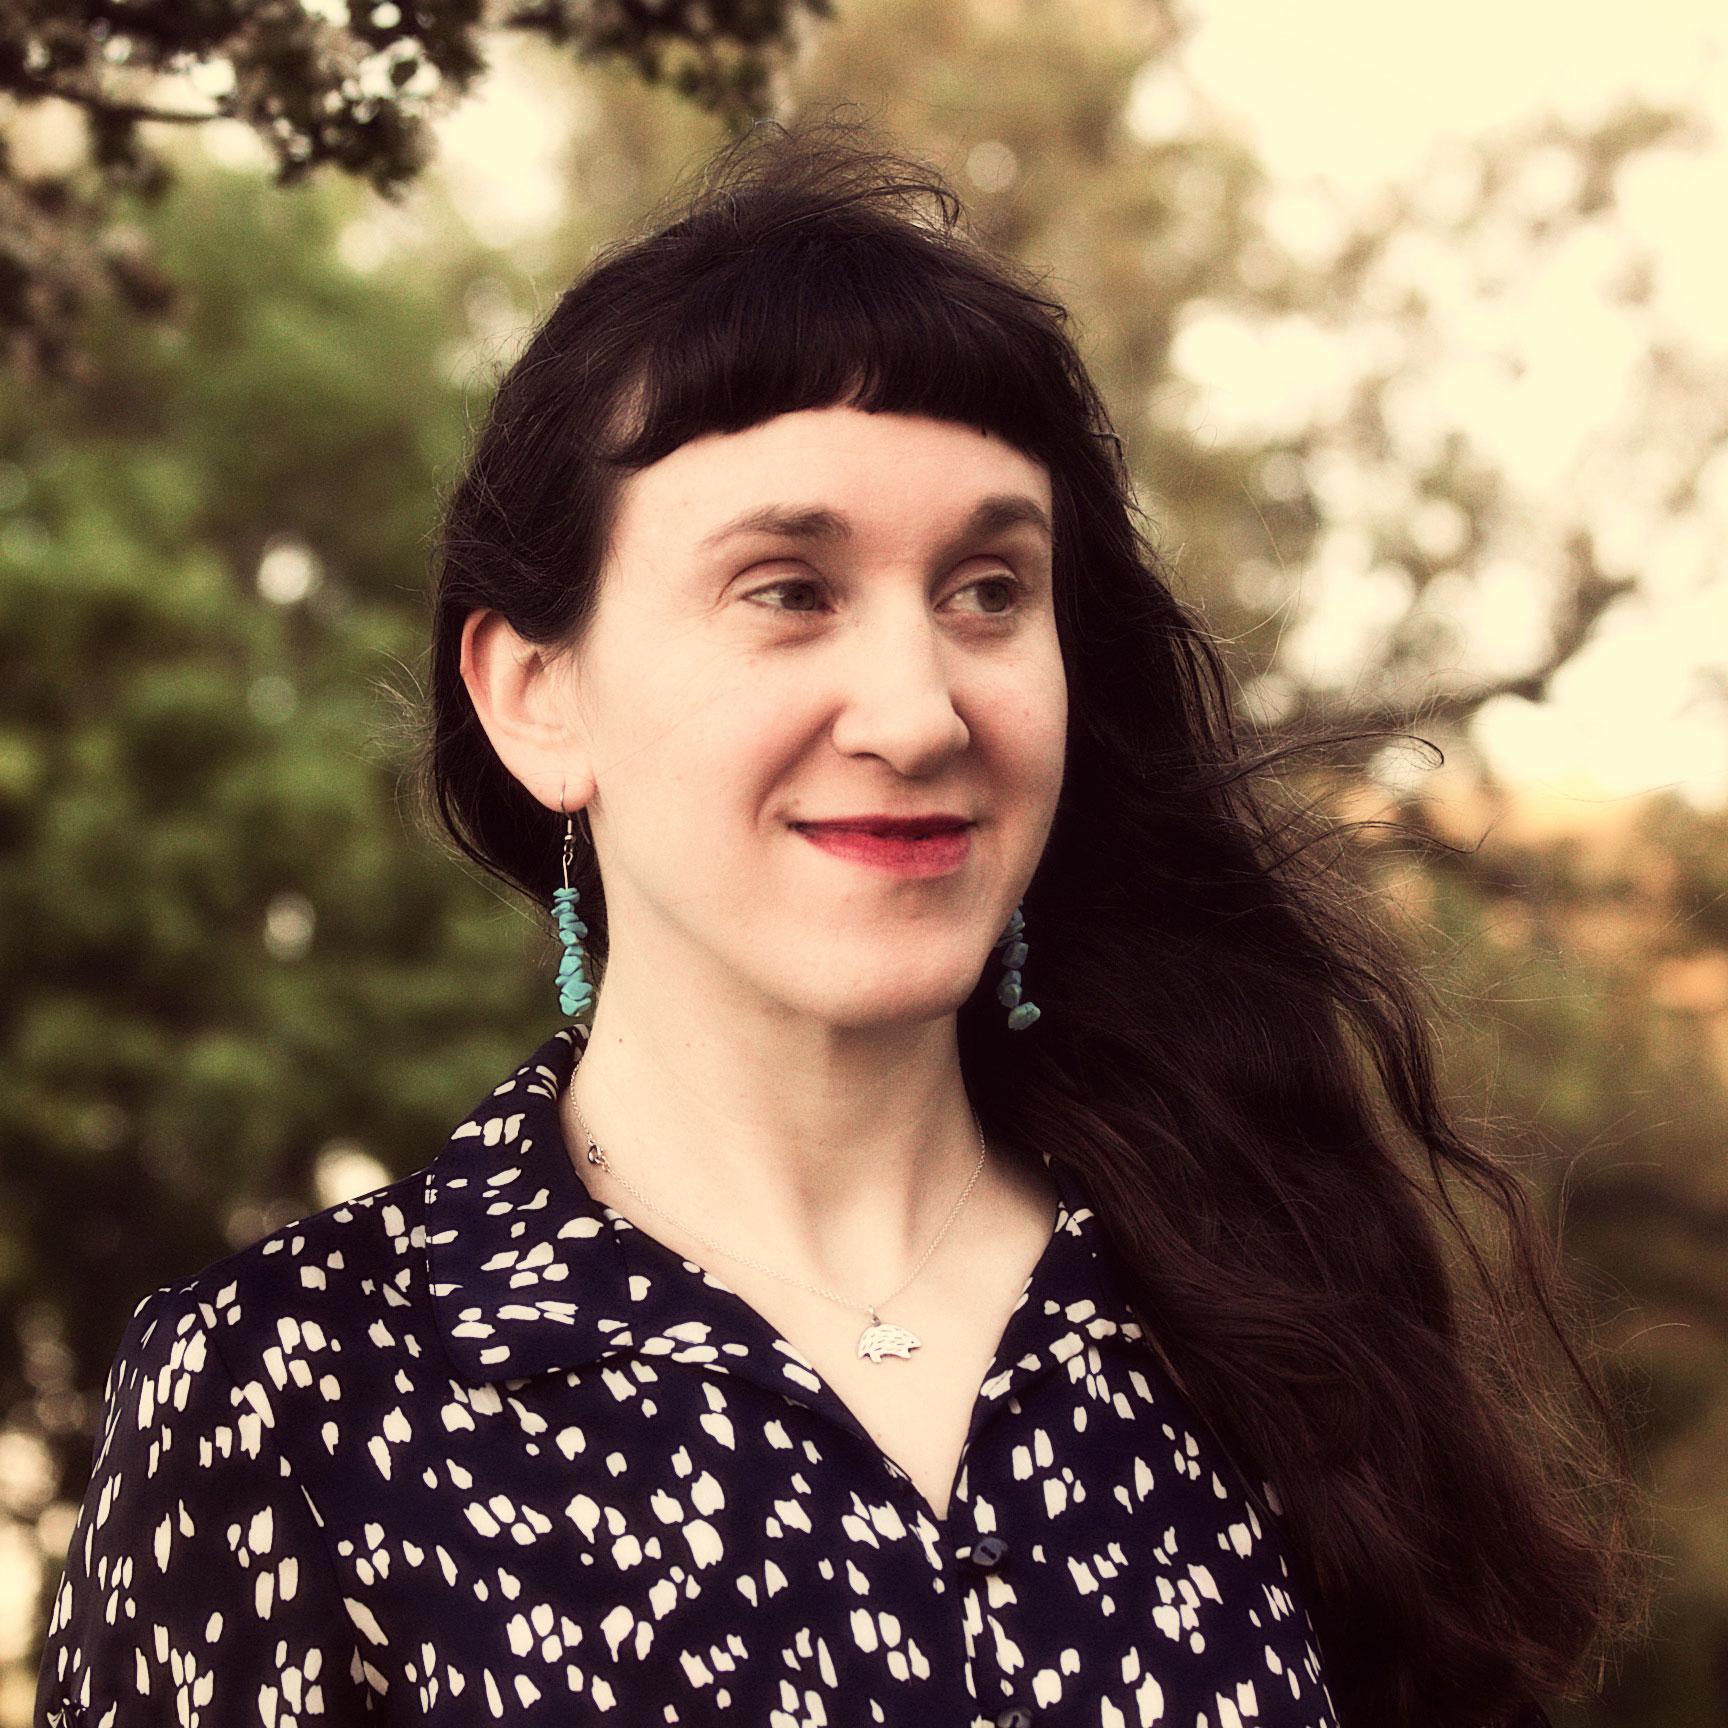 Jennifer MacBain-Stephens